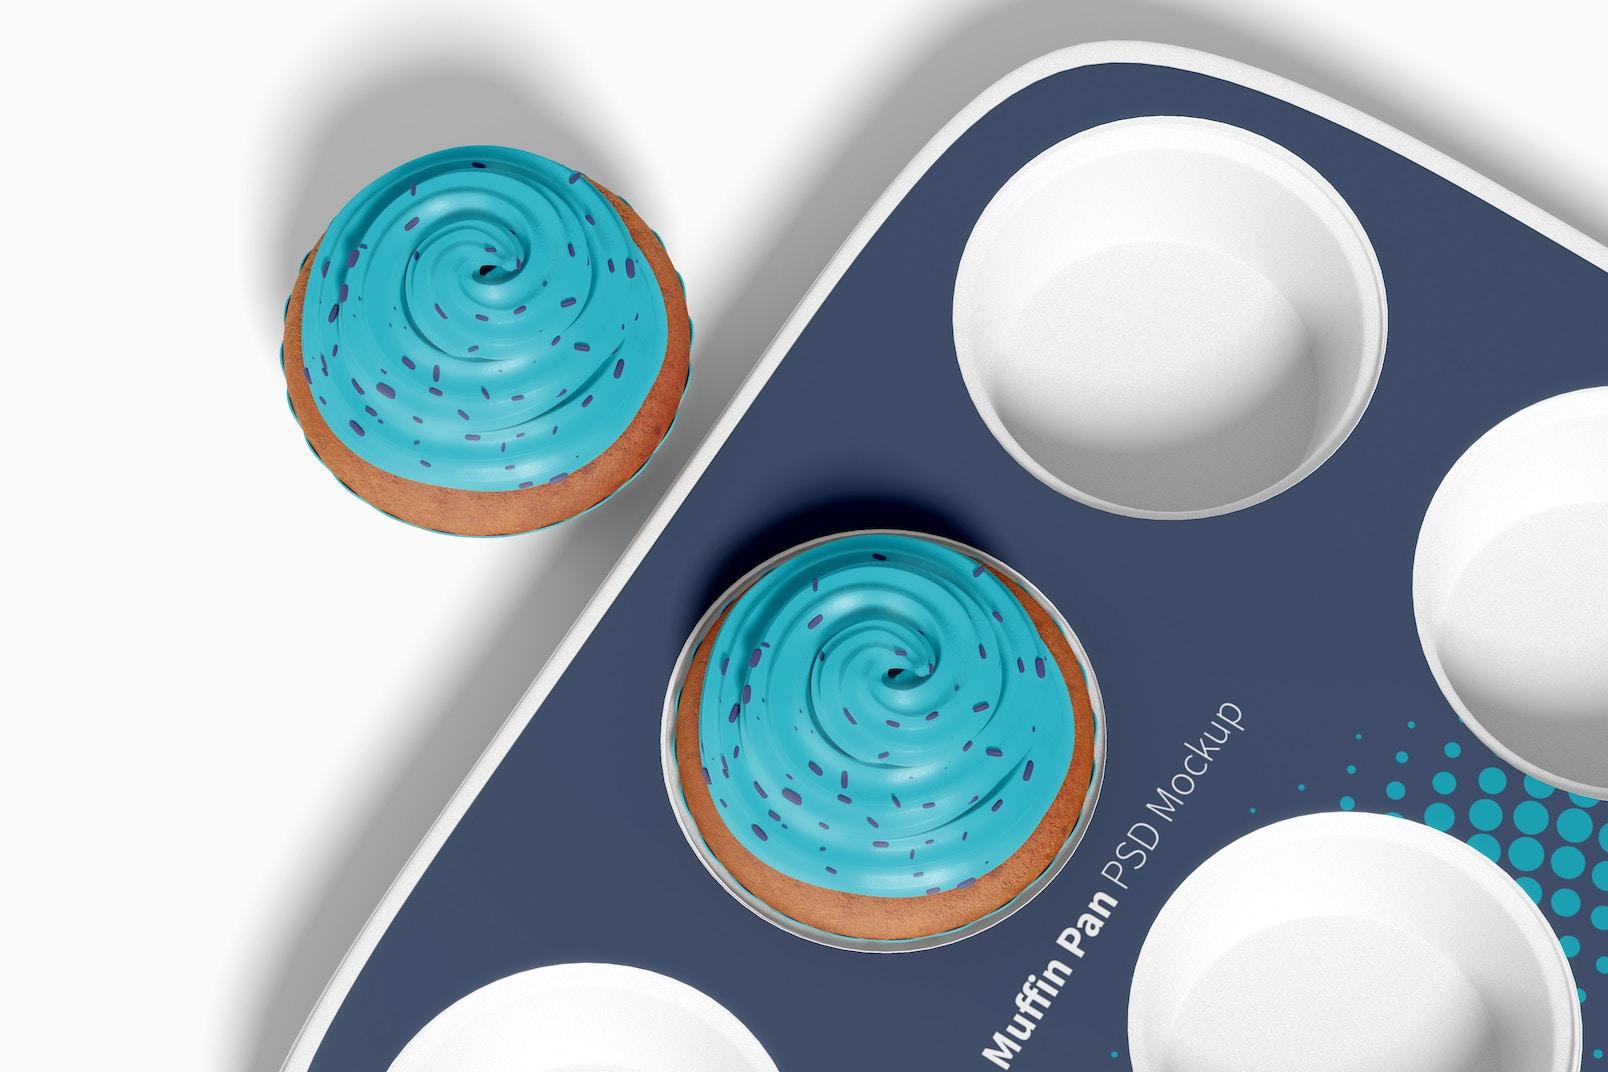 Muffin Pan Mockup, Close Up